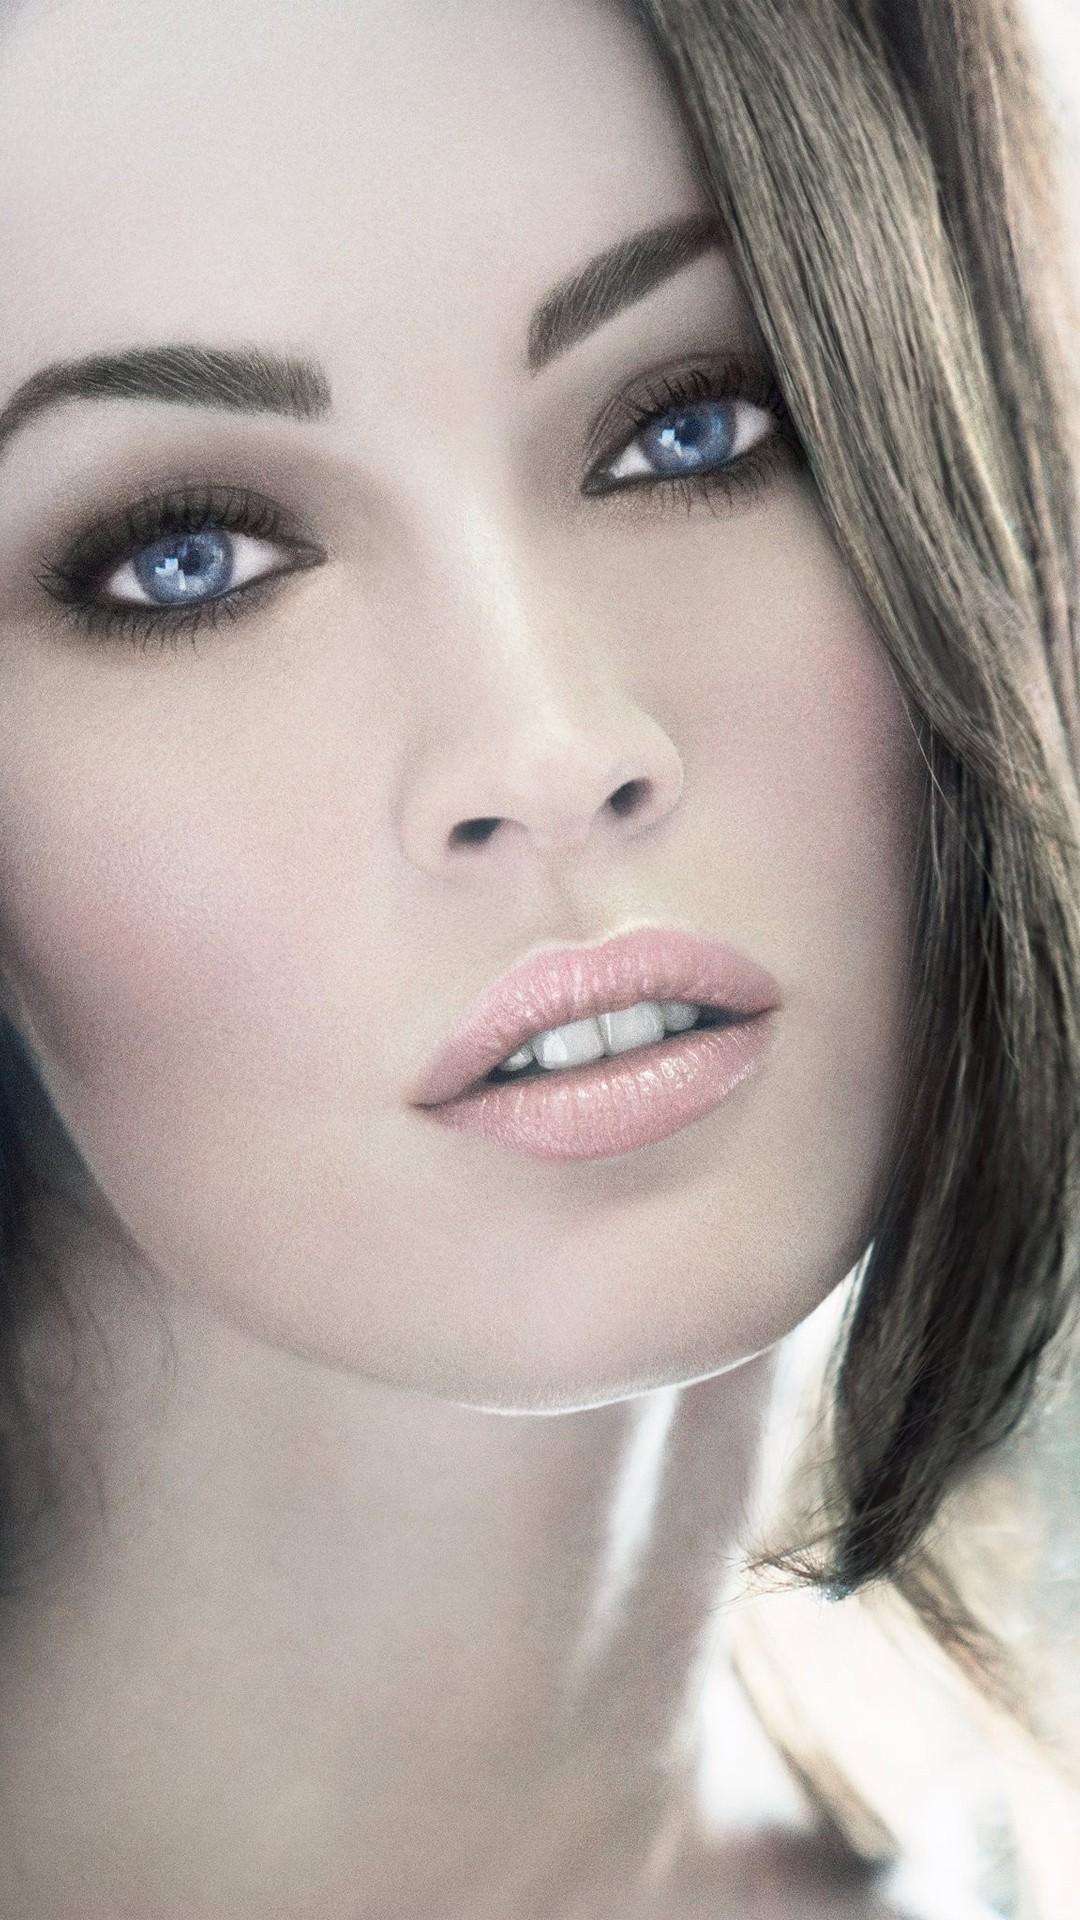 Megan Fox beauty htc one wallpaper